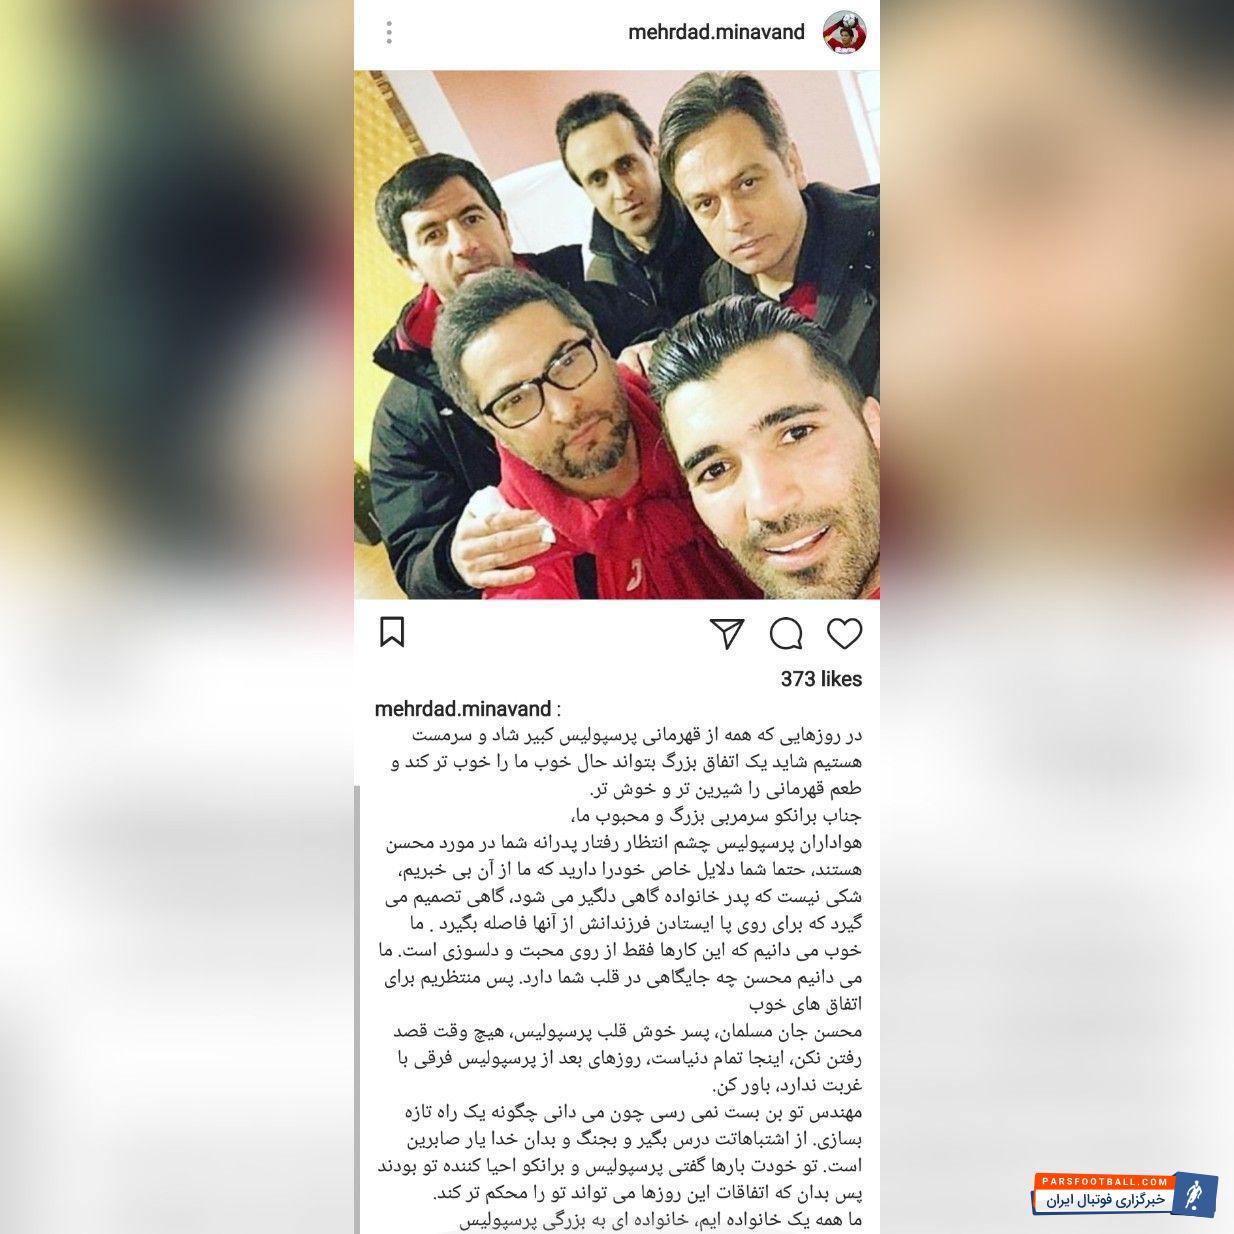 مهرداد میناوند پیشکسوت تیم فوتبال پرسپولیس در صفحه شخصی اینستاگرام خود برای محسن مسلمان که این روزها نیمکت نشینی را تجربه می کند پستی را منتشر کرد.